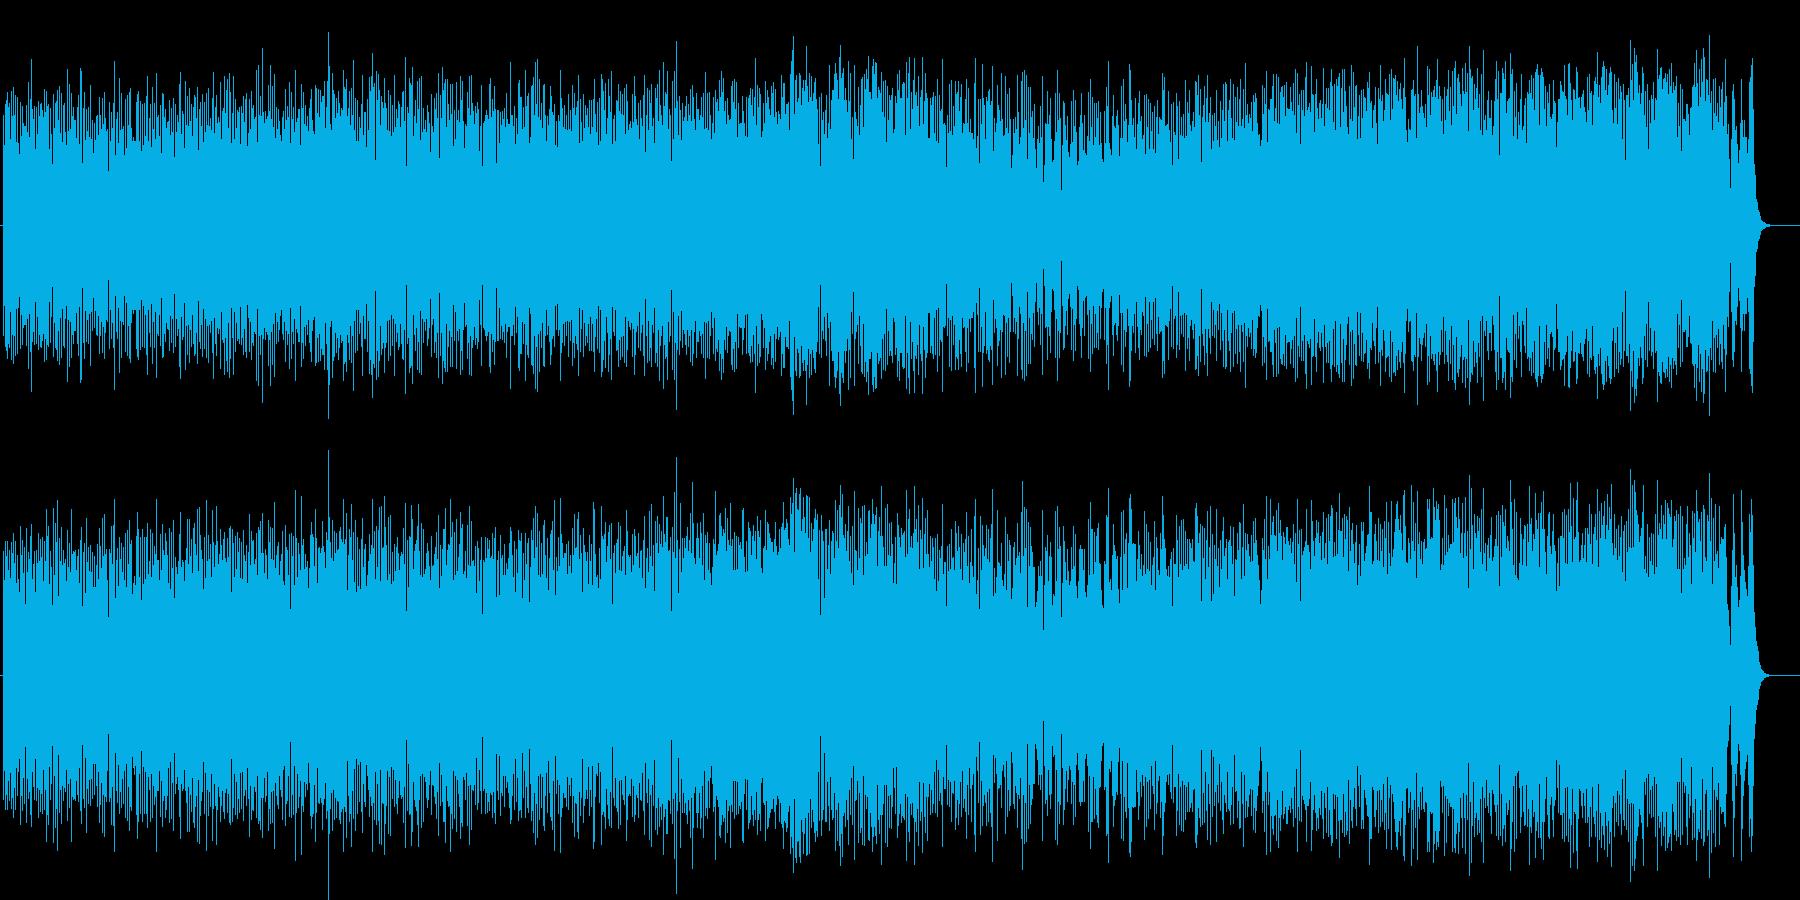 8ビートが快活なライト・ポップスの再生済みの波形